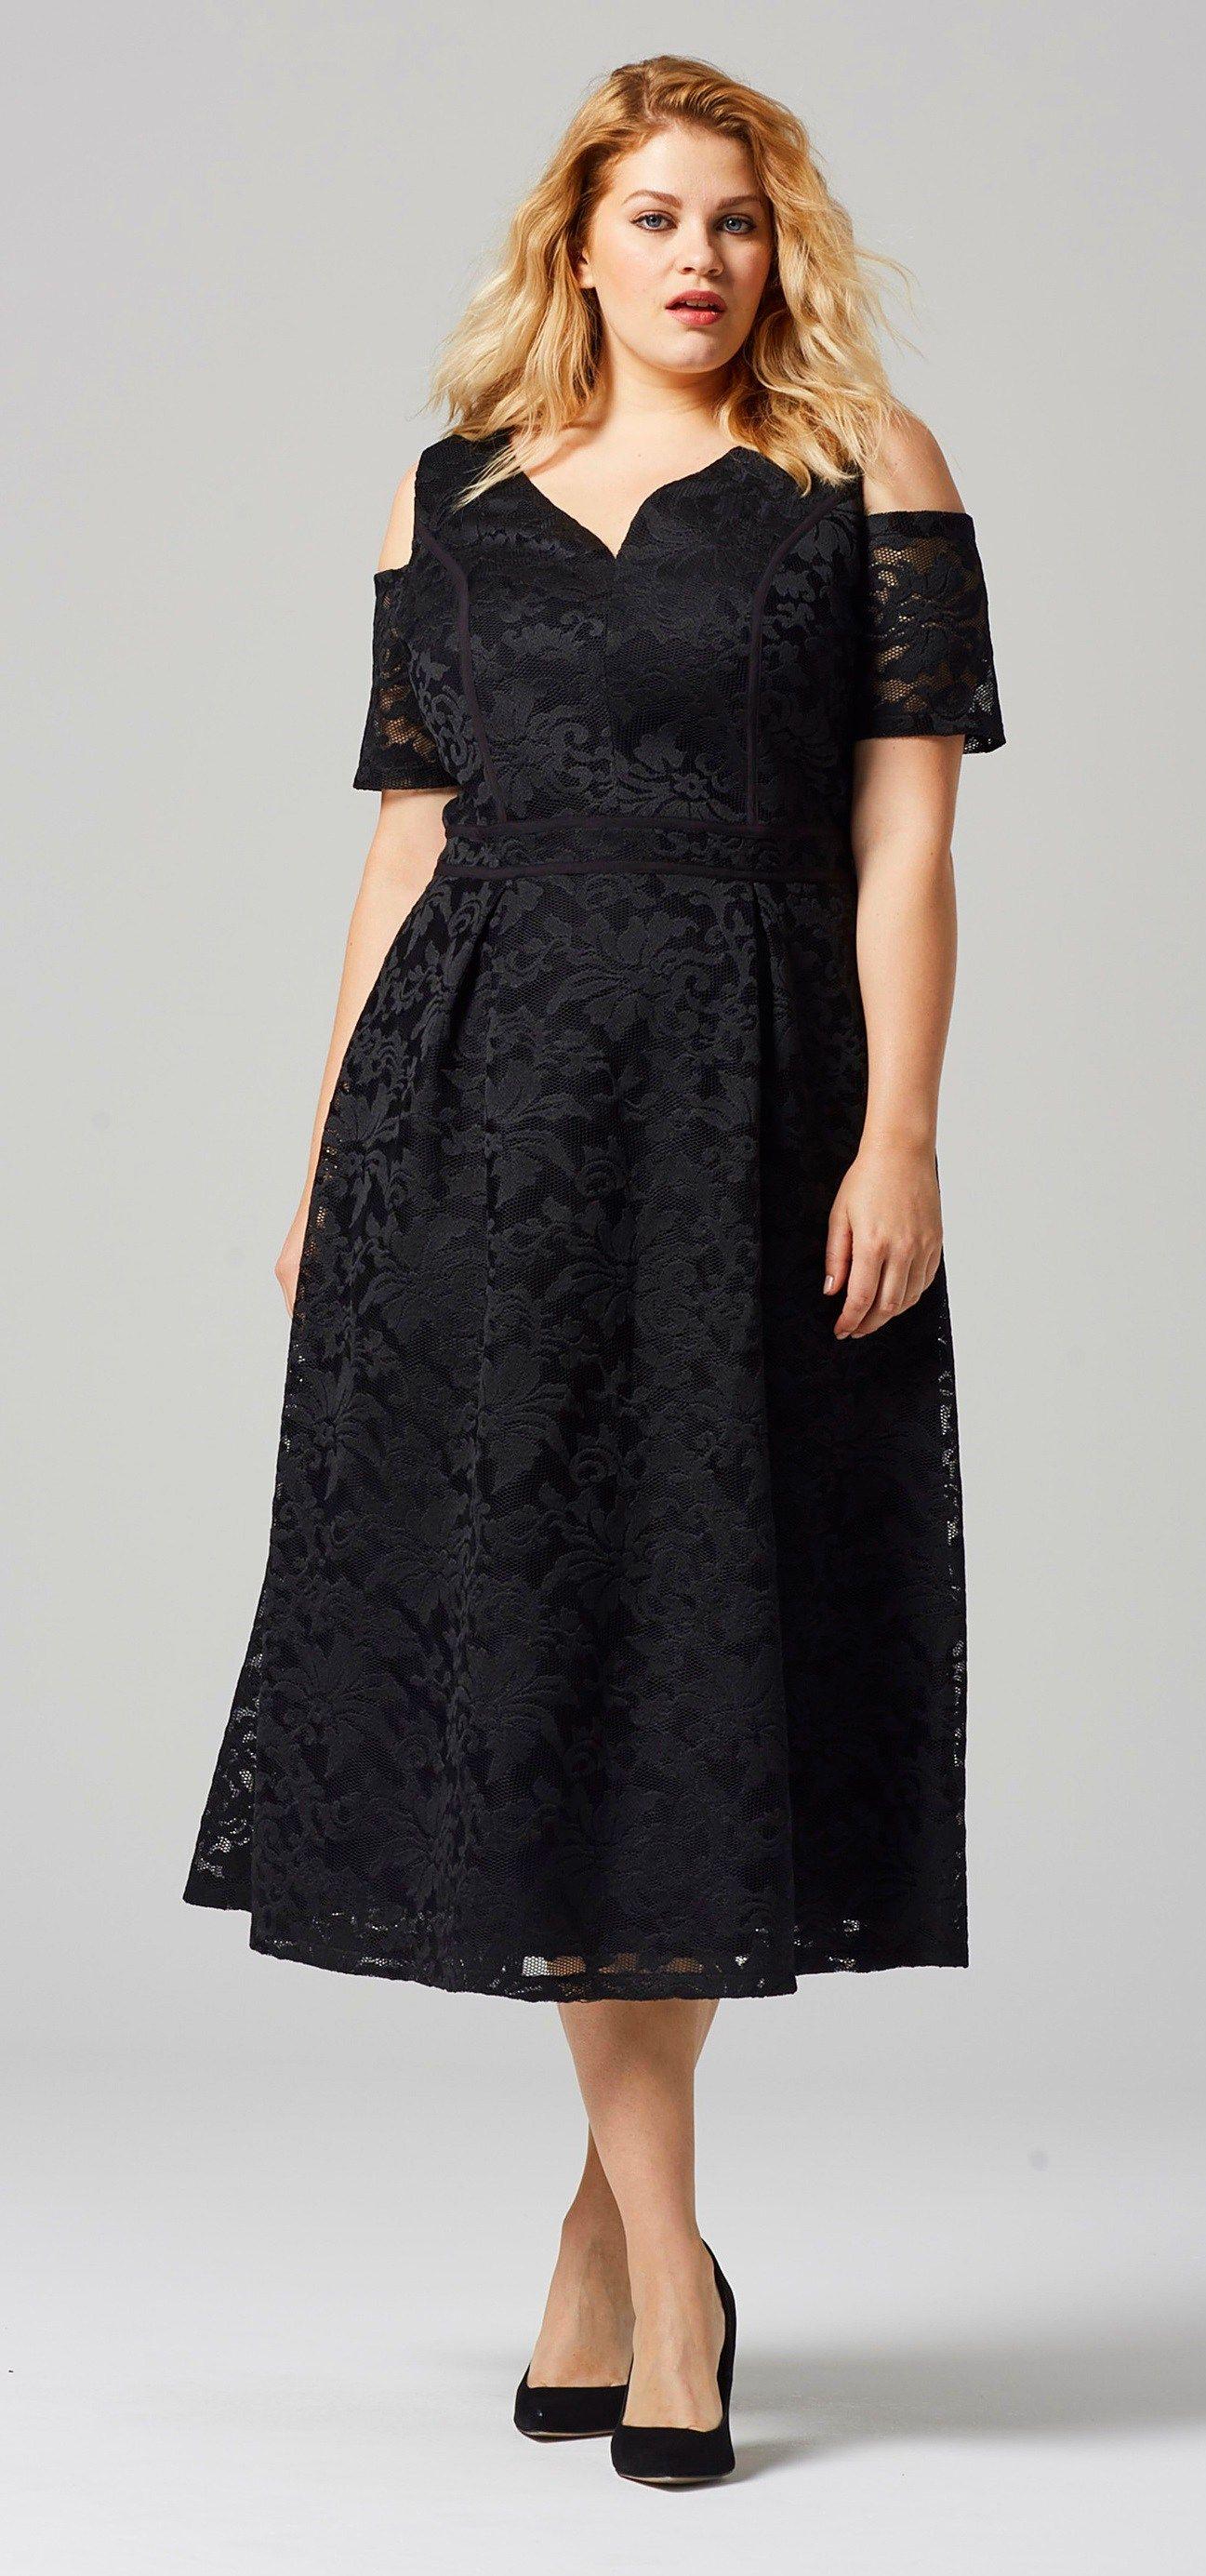 Lovedrobe crochet skater dress in fashion dresses plus